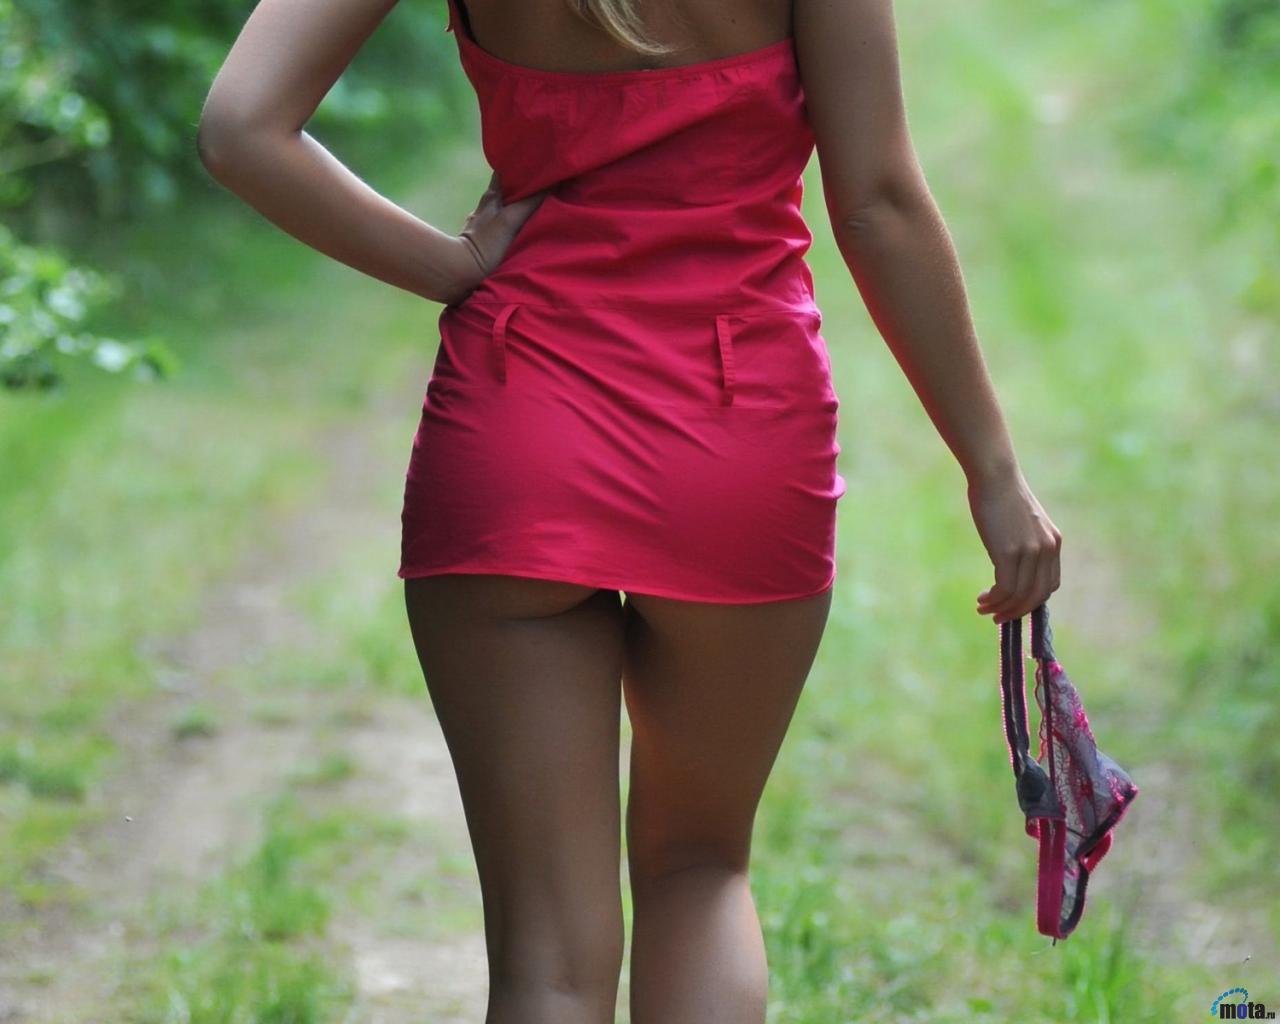 фото в публичном местах без нижнего белья